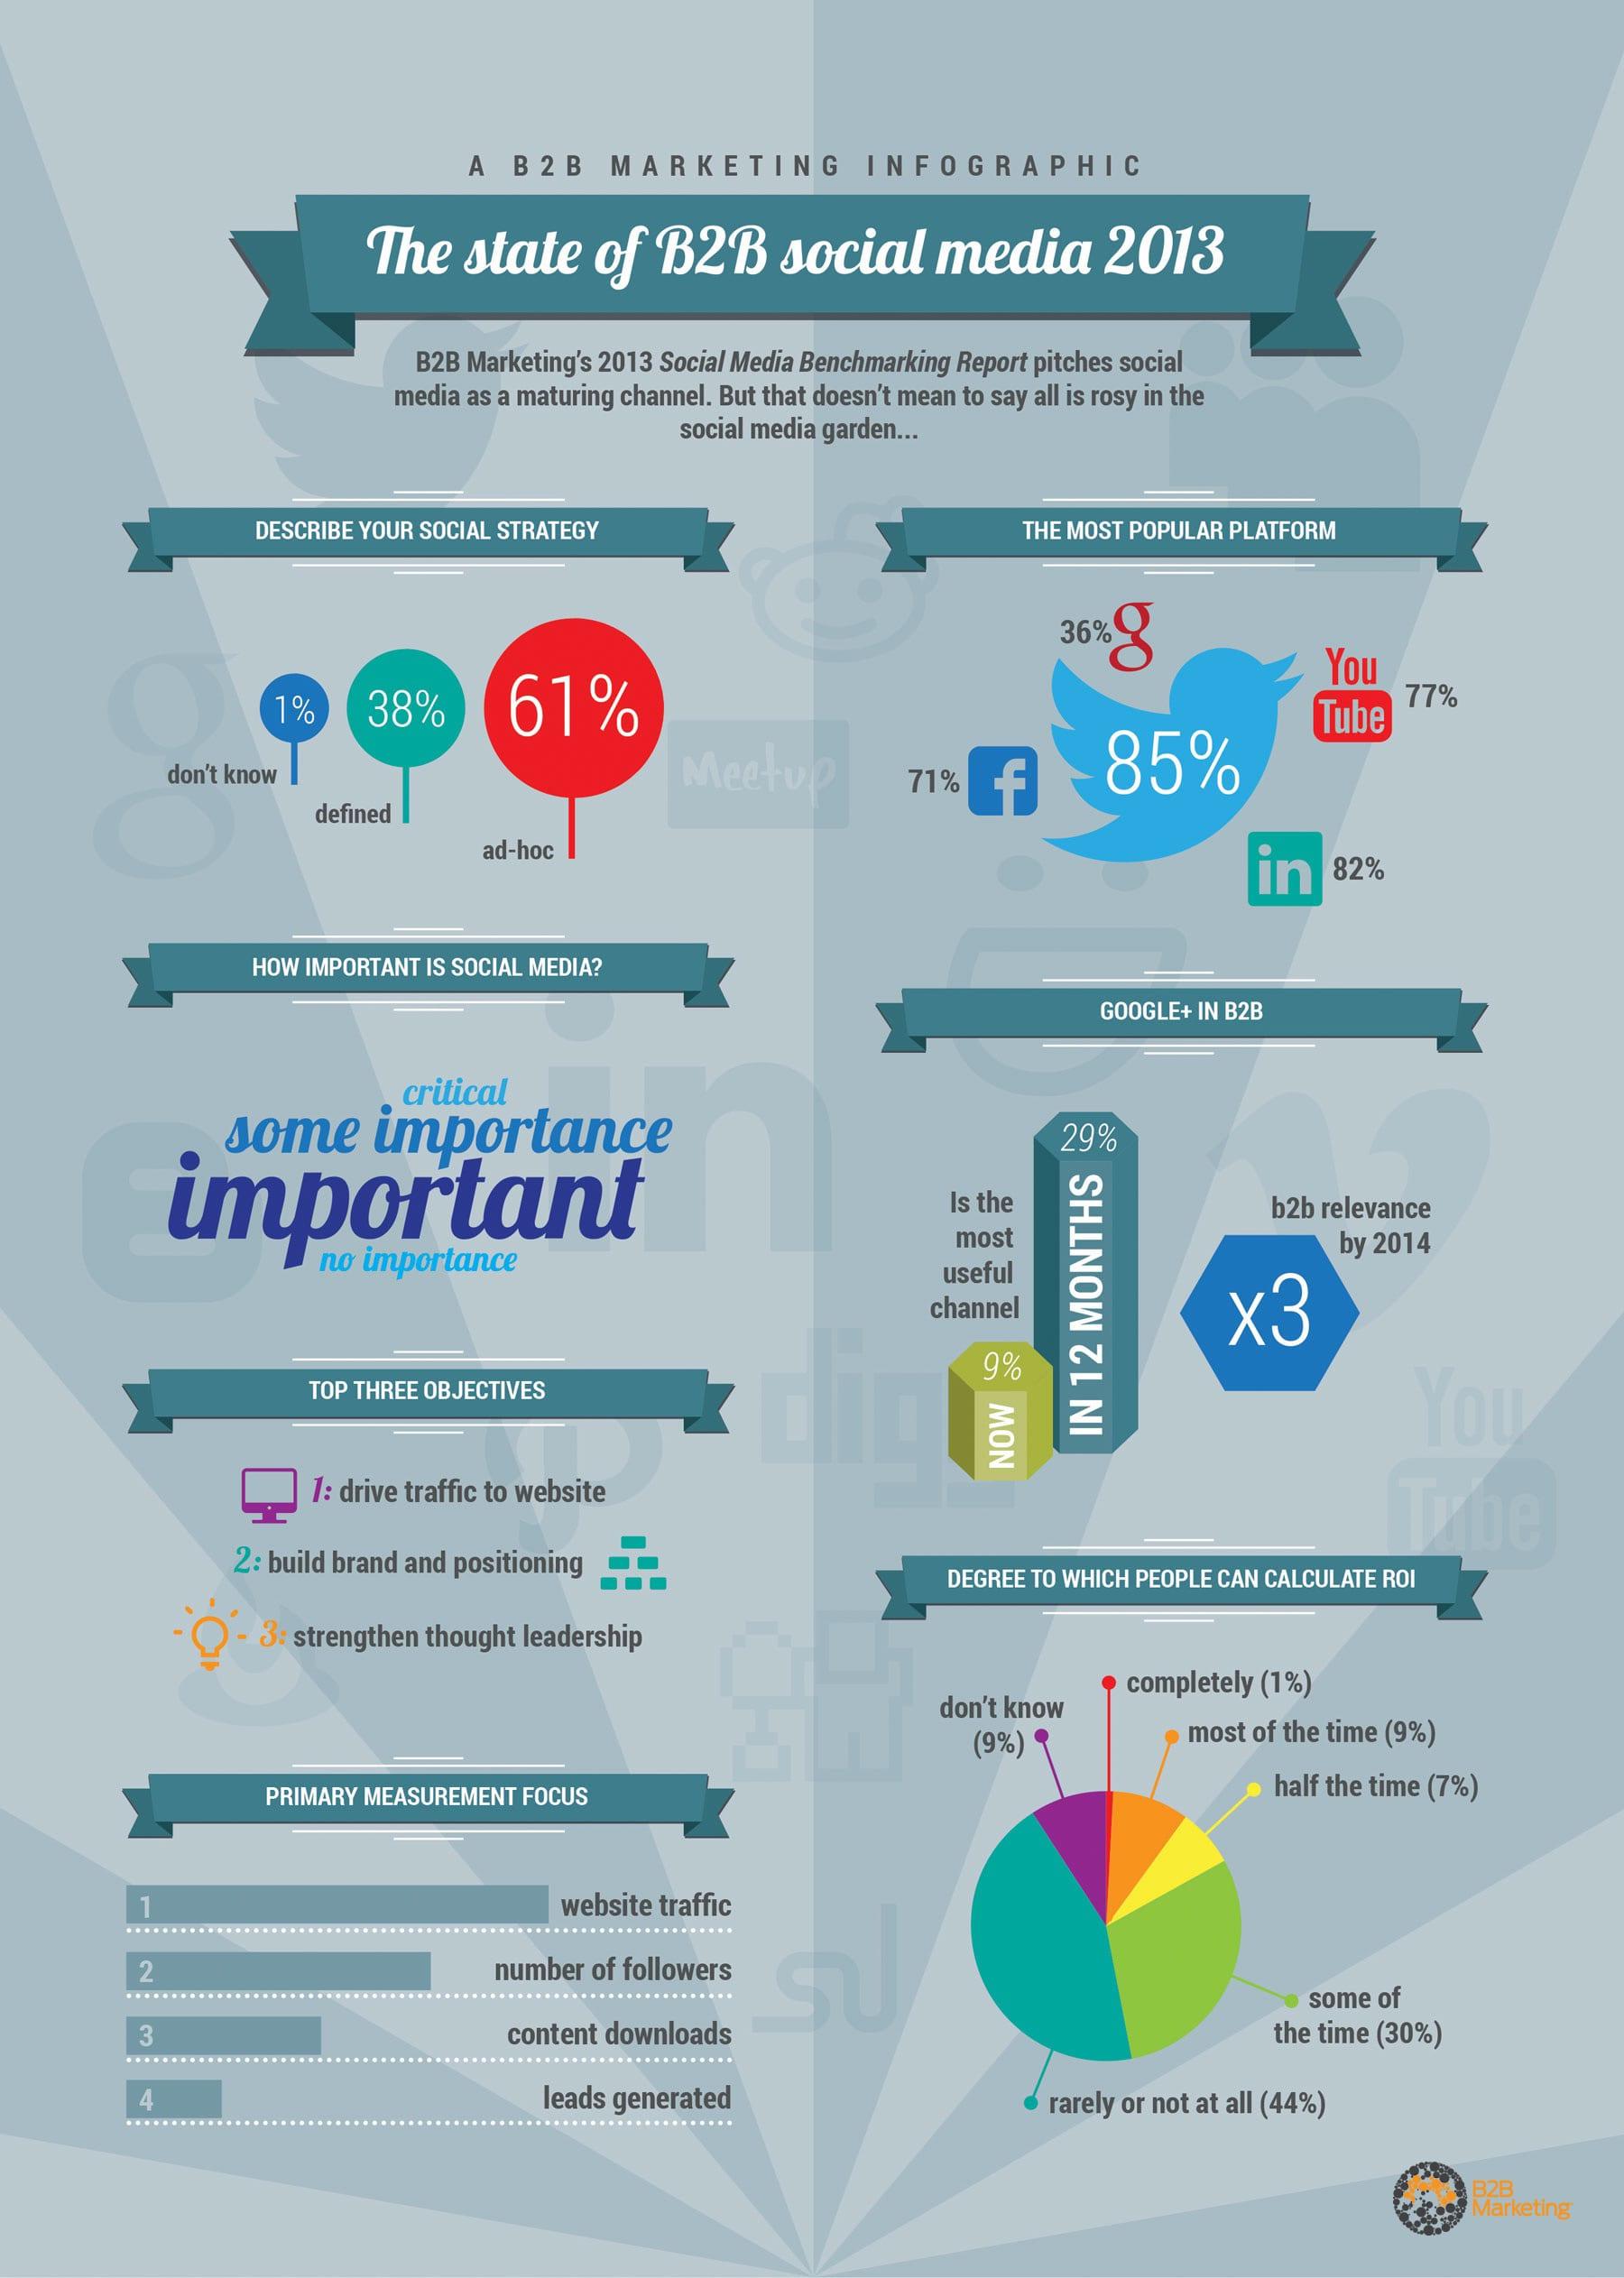 Social mediagebruik door B2B-organisaties in 2013 [infographic]